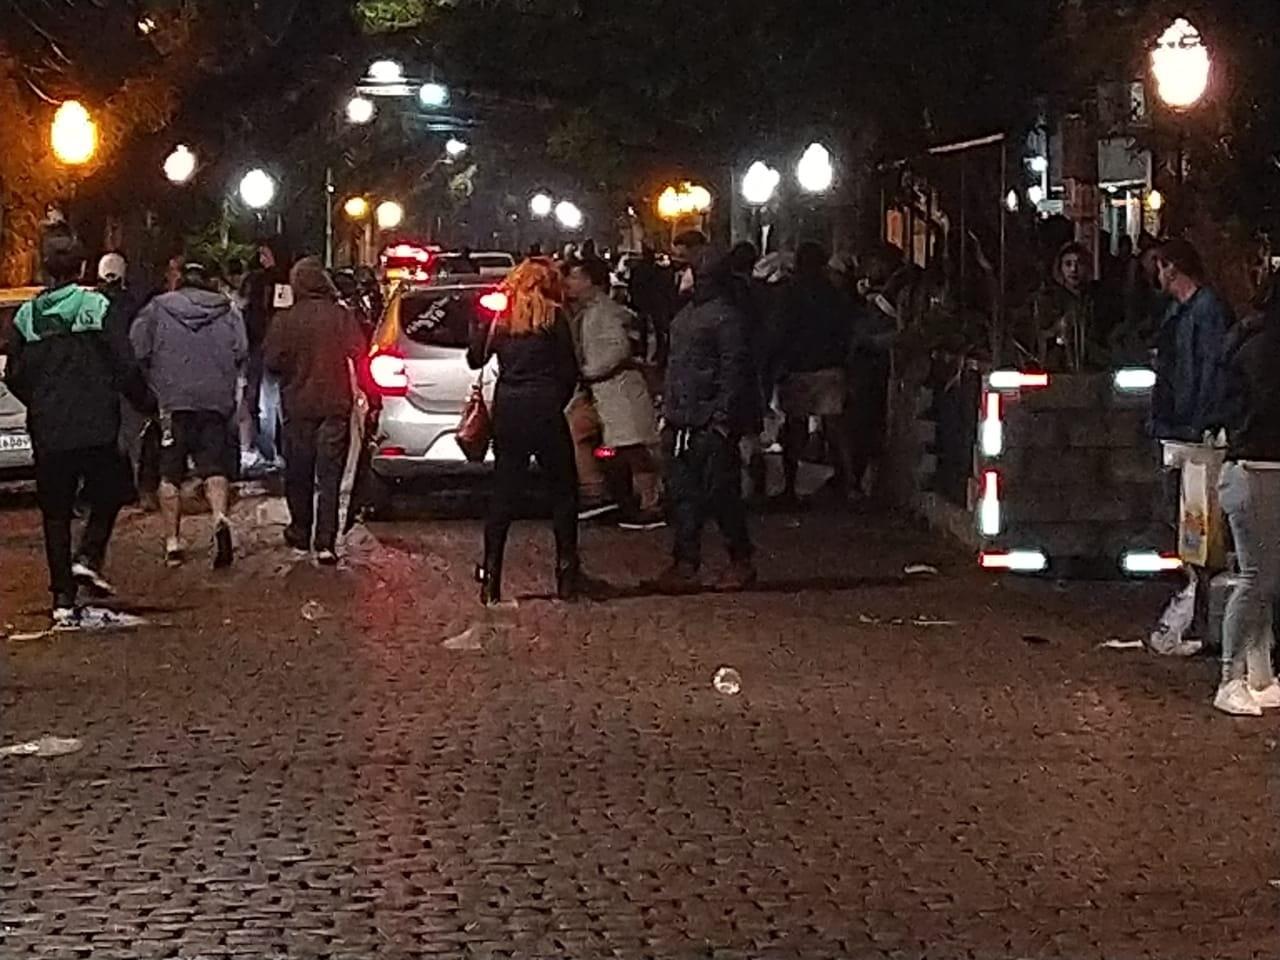 Polícia dispersa aglomeração com lançamento de gás lacrimogêneo em Porto Alegre